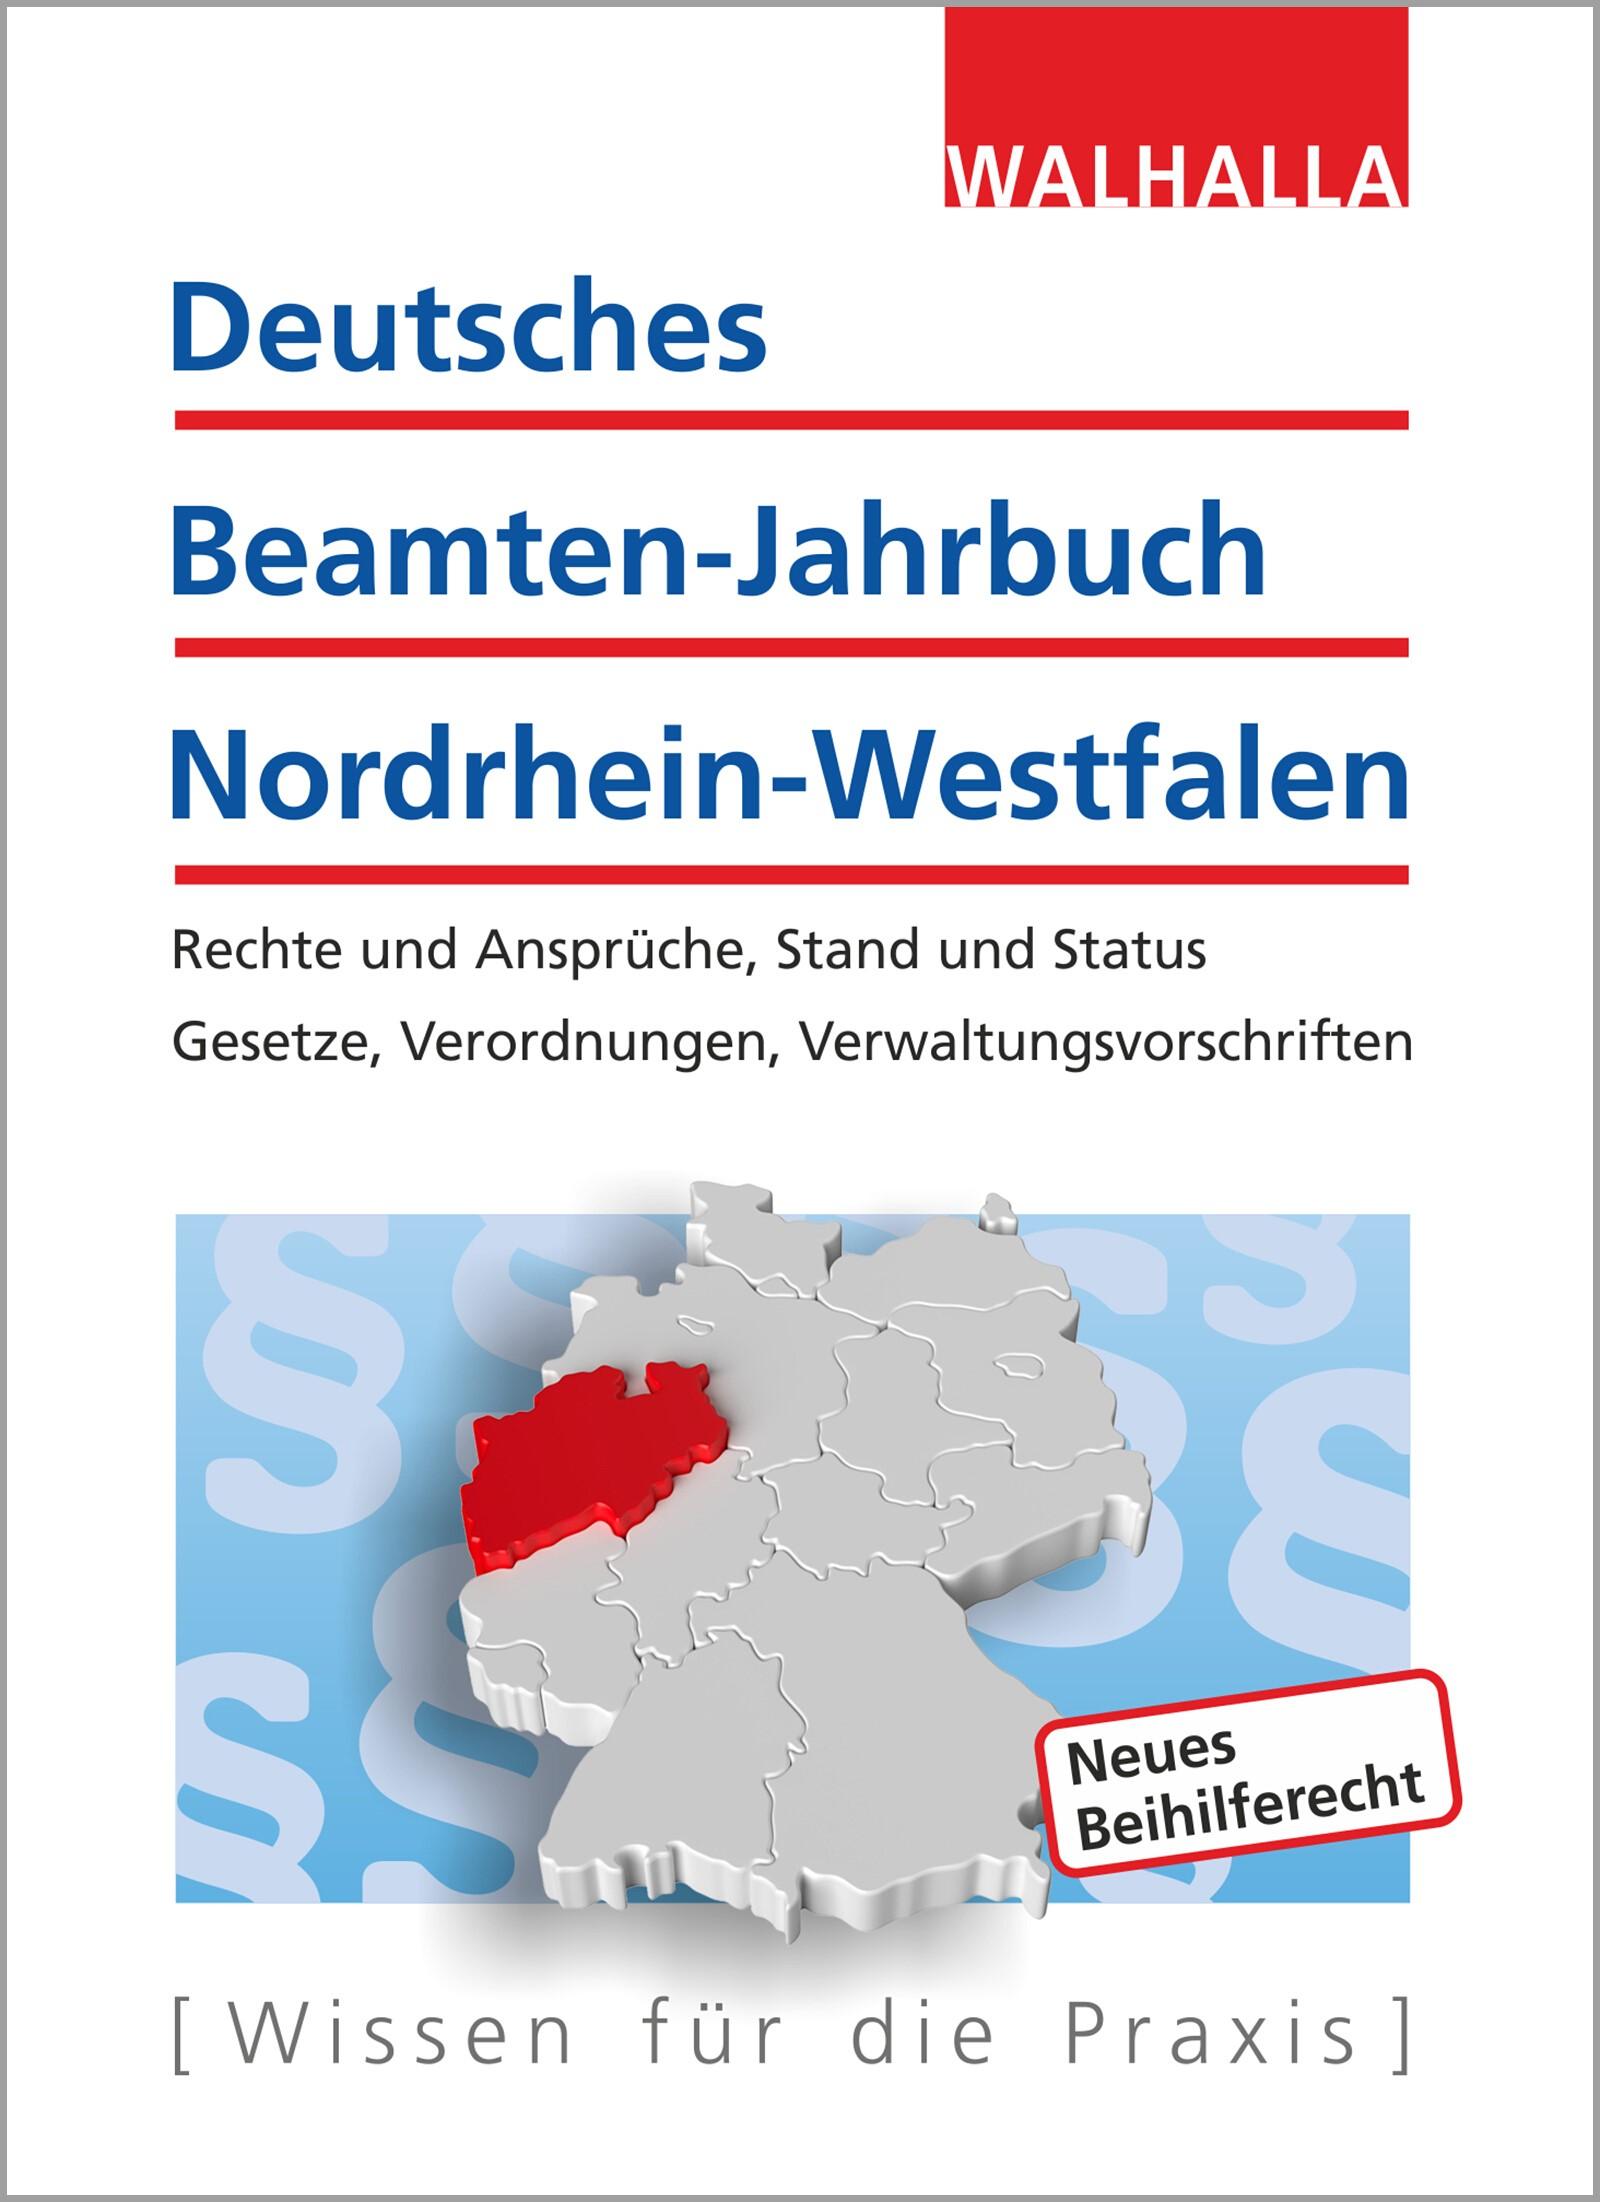 Deutsches Beamten-Jahrbuch Nordrhein-Westfalen Jahresband 2017 | Walhalla Fachredaktion | Buch (Cover)